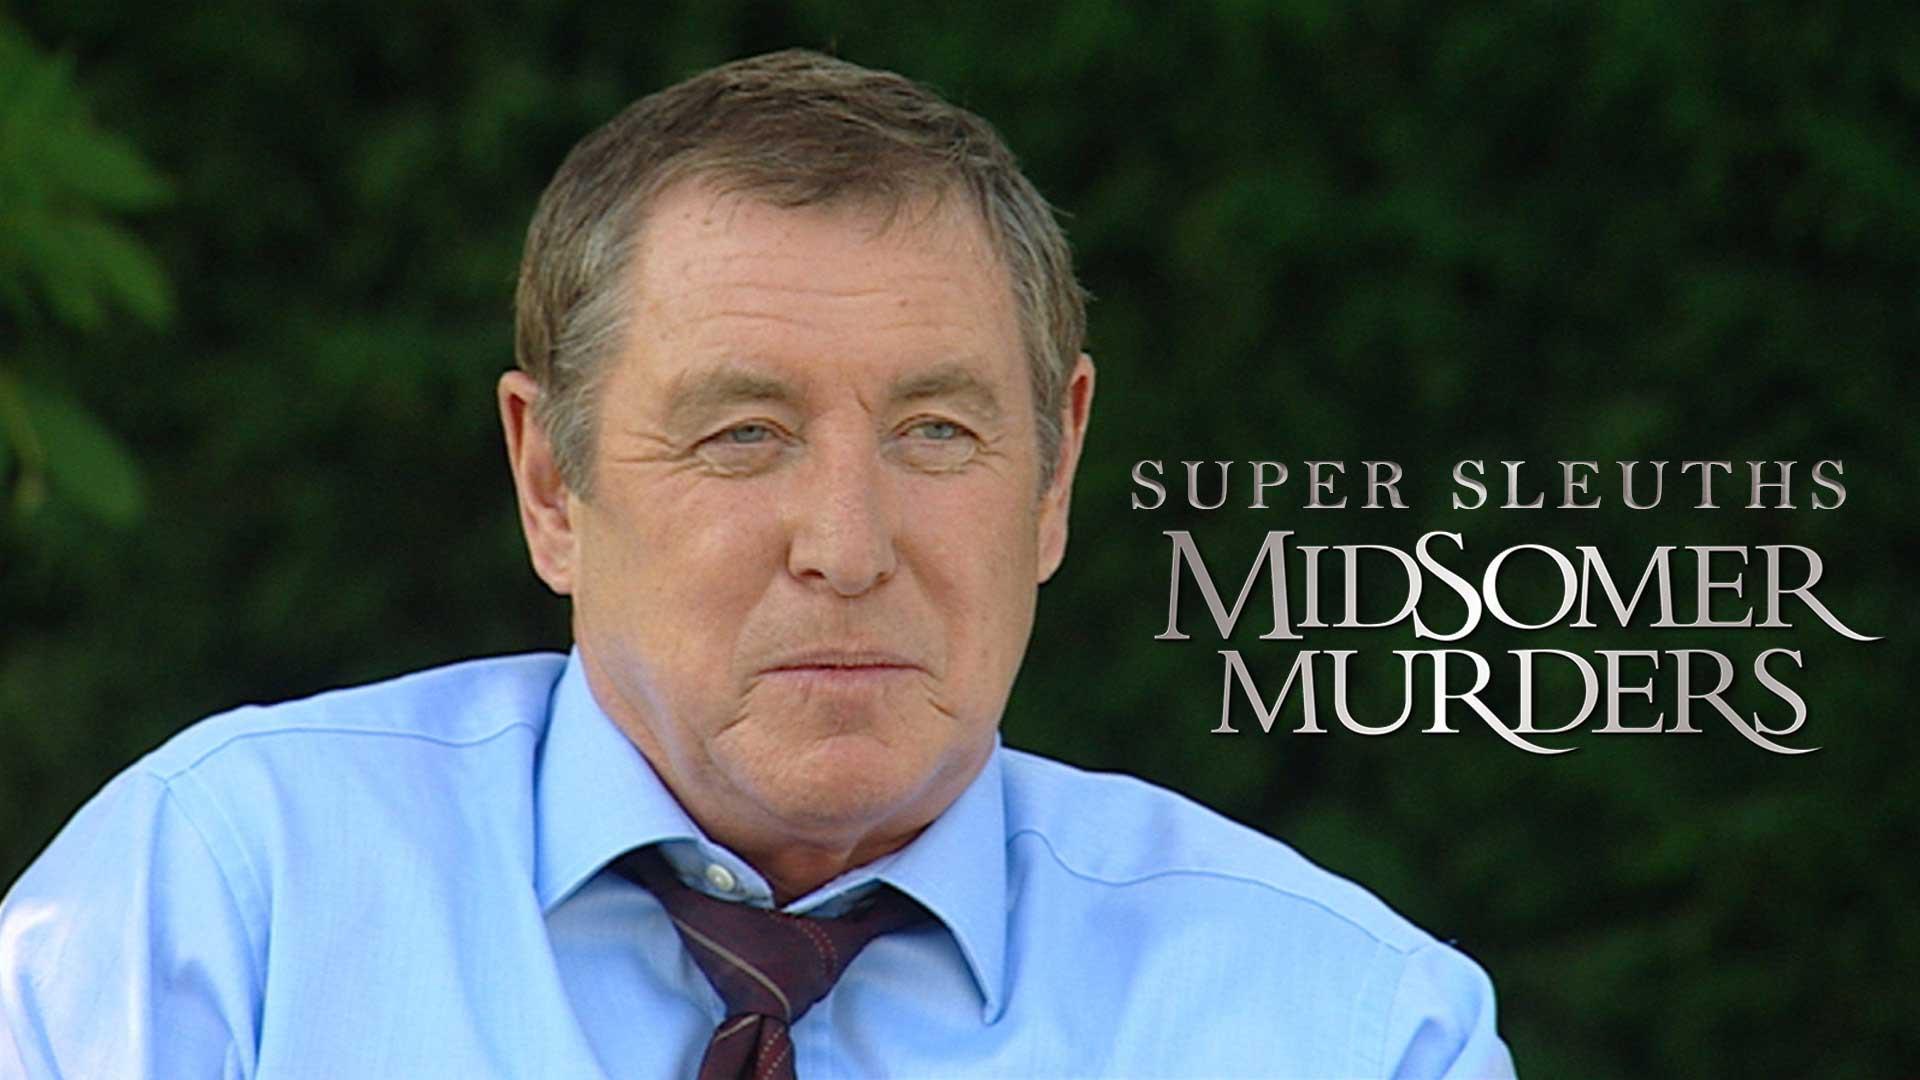 Super Sleuths - Midsomer Murders